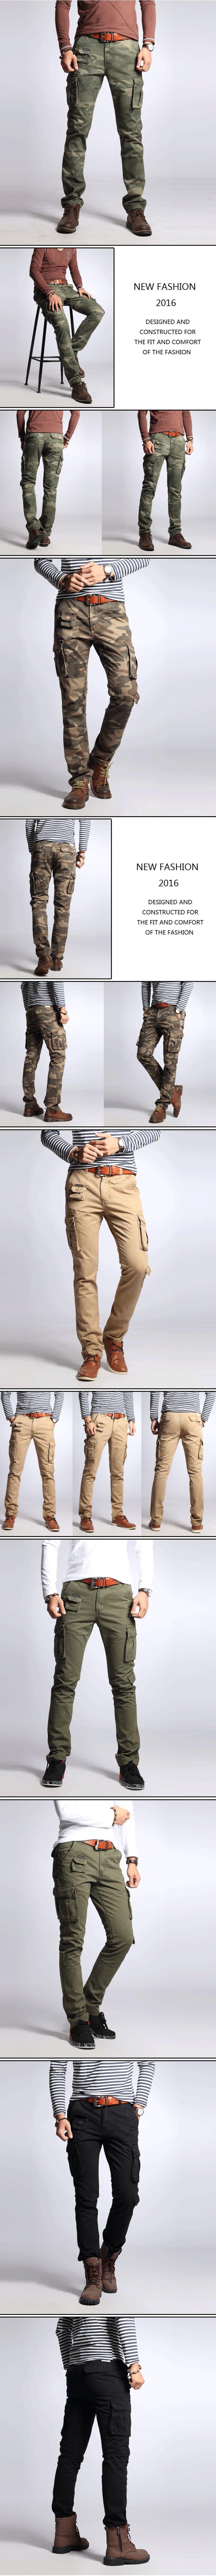 รองเท้าชาย กางเกงขายาว overalls กระเป๋าข้าง